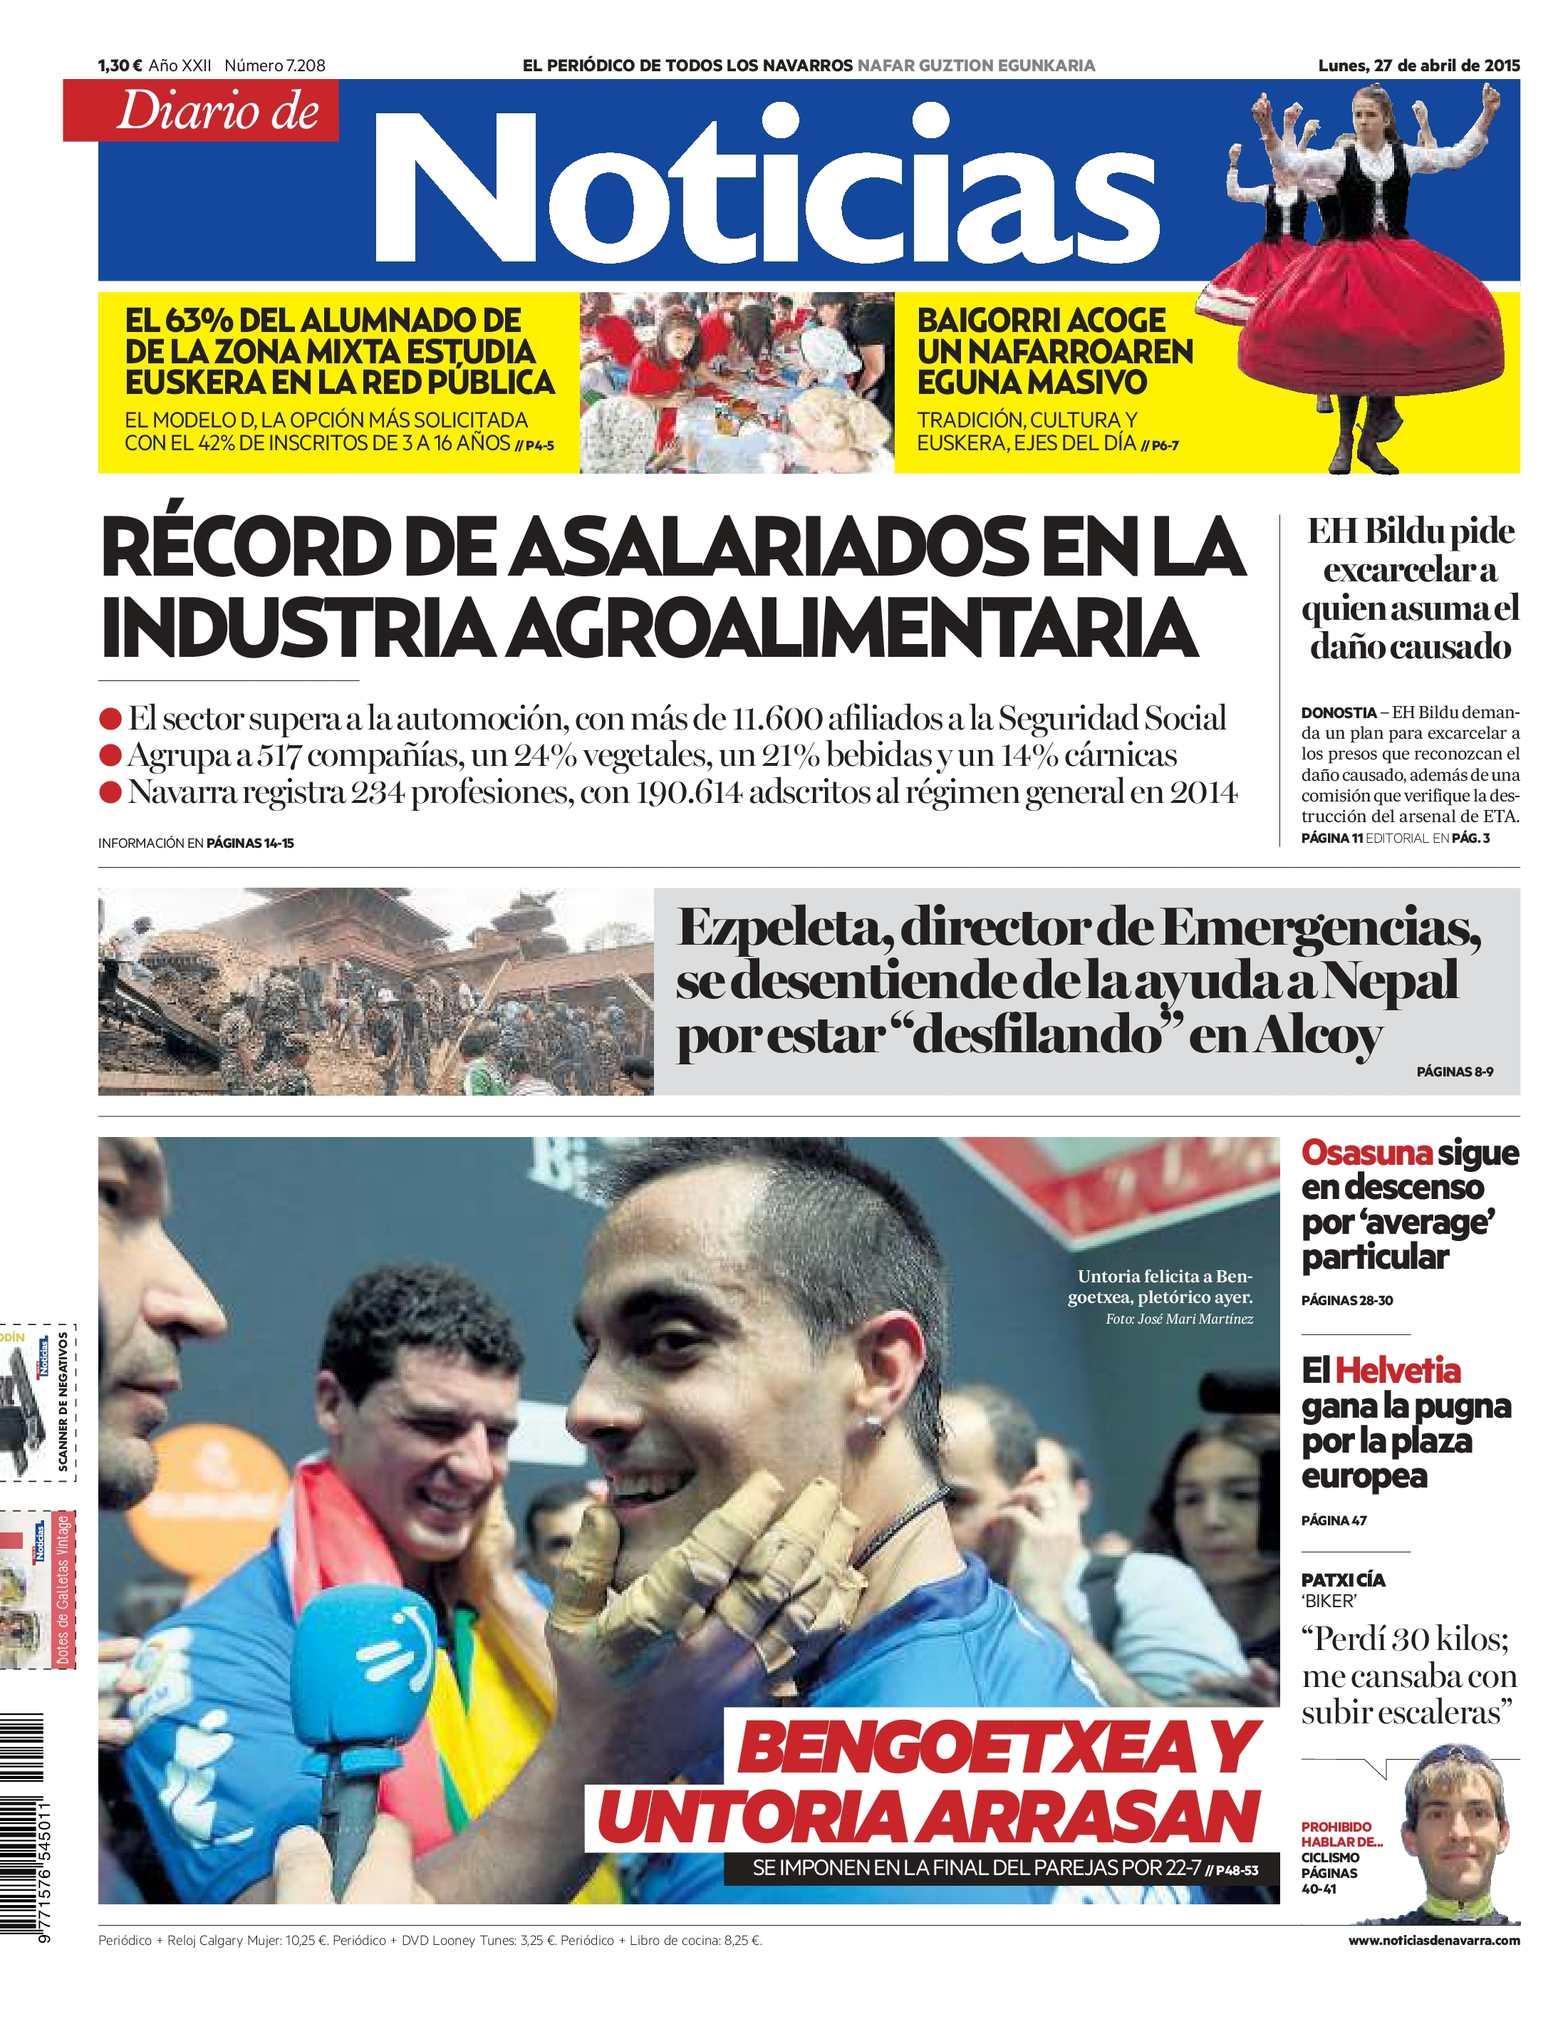 aa55ba42d9 Calaméo - Diario de Noticias 20150427